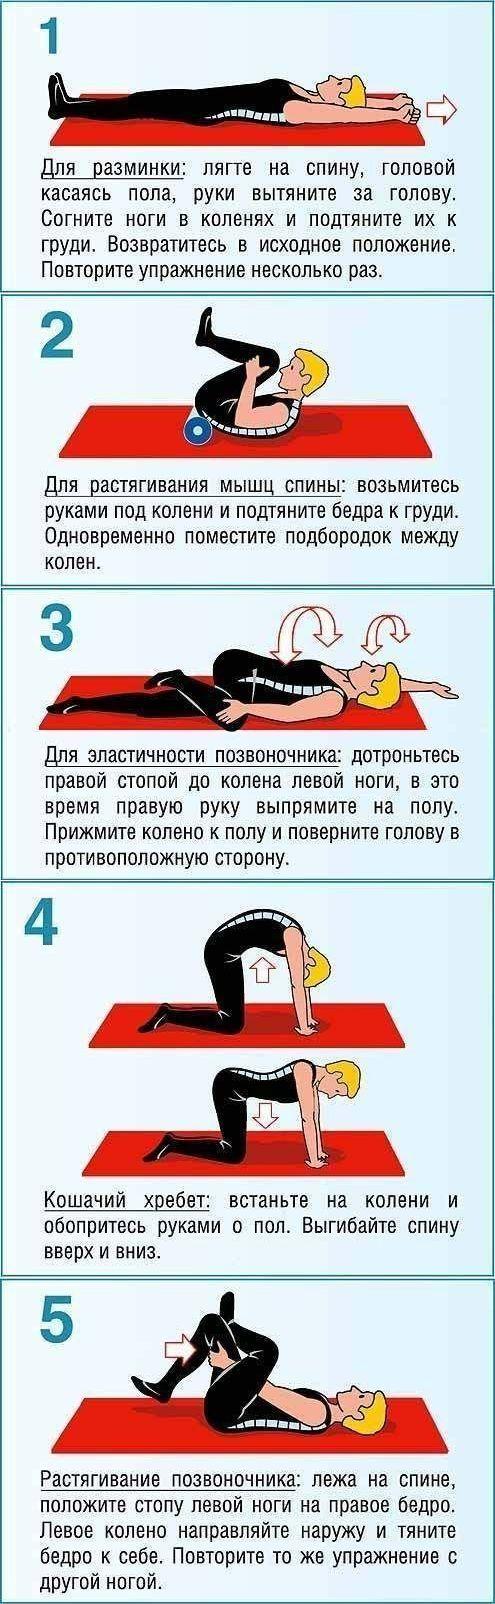 Как убрать боль в спине. Упражнения для позвоночника и живота - Рецепты, диеты, мода и красота, светская жизнь